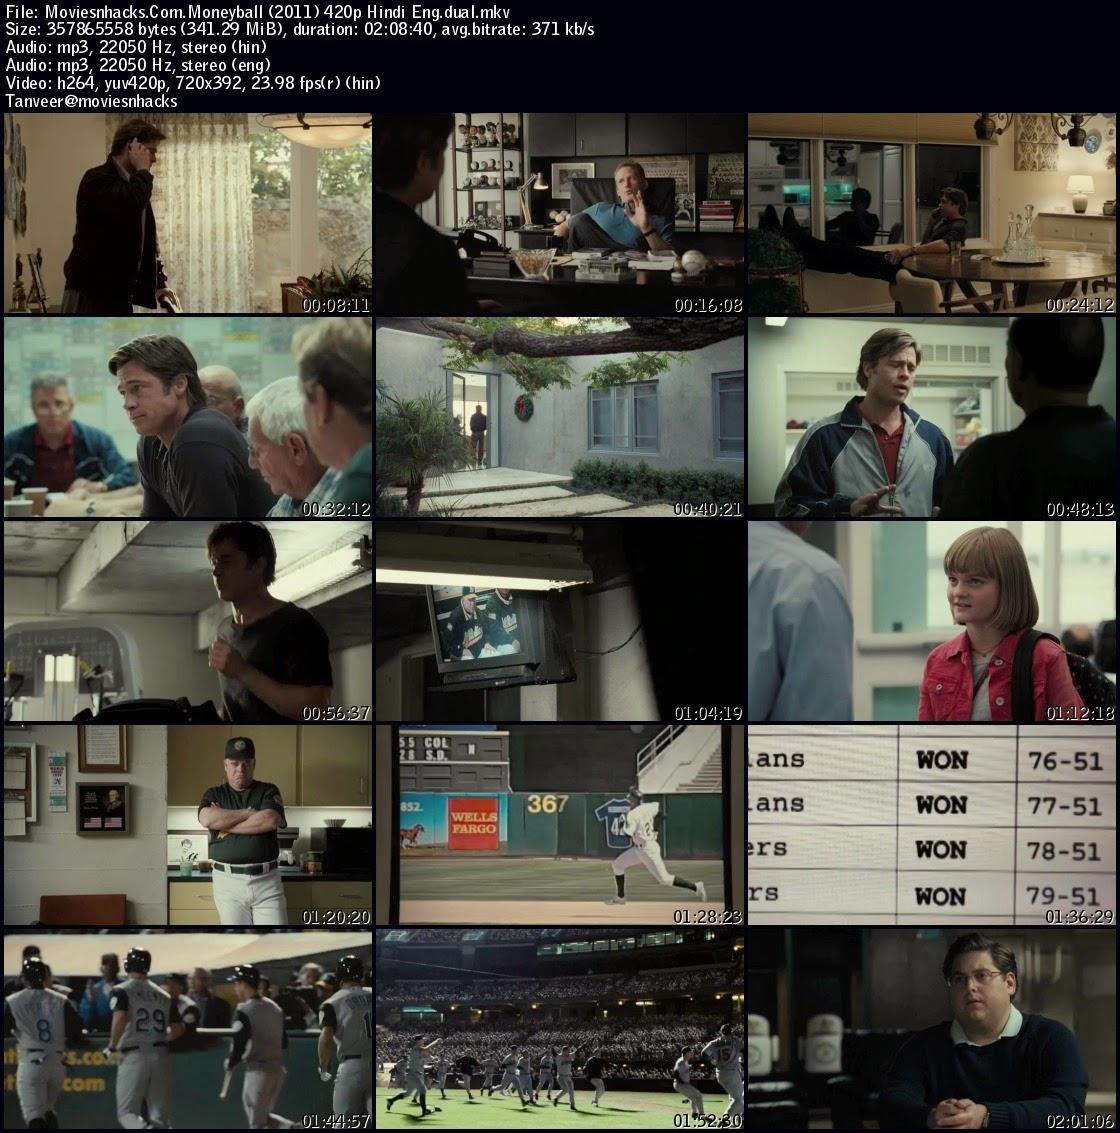 Moneyball (2011) Hindi Dual BRRip 350Mb Download